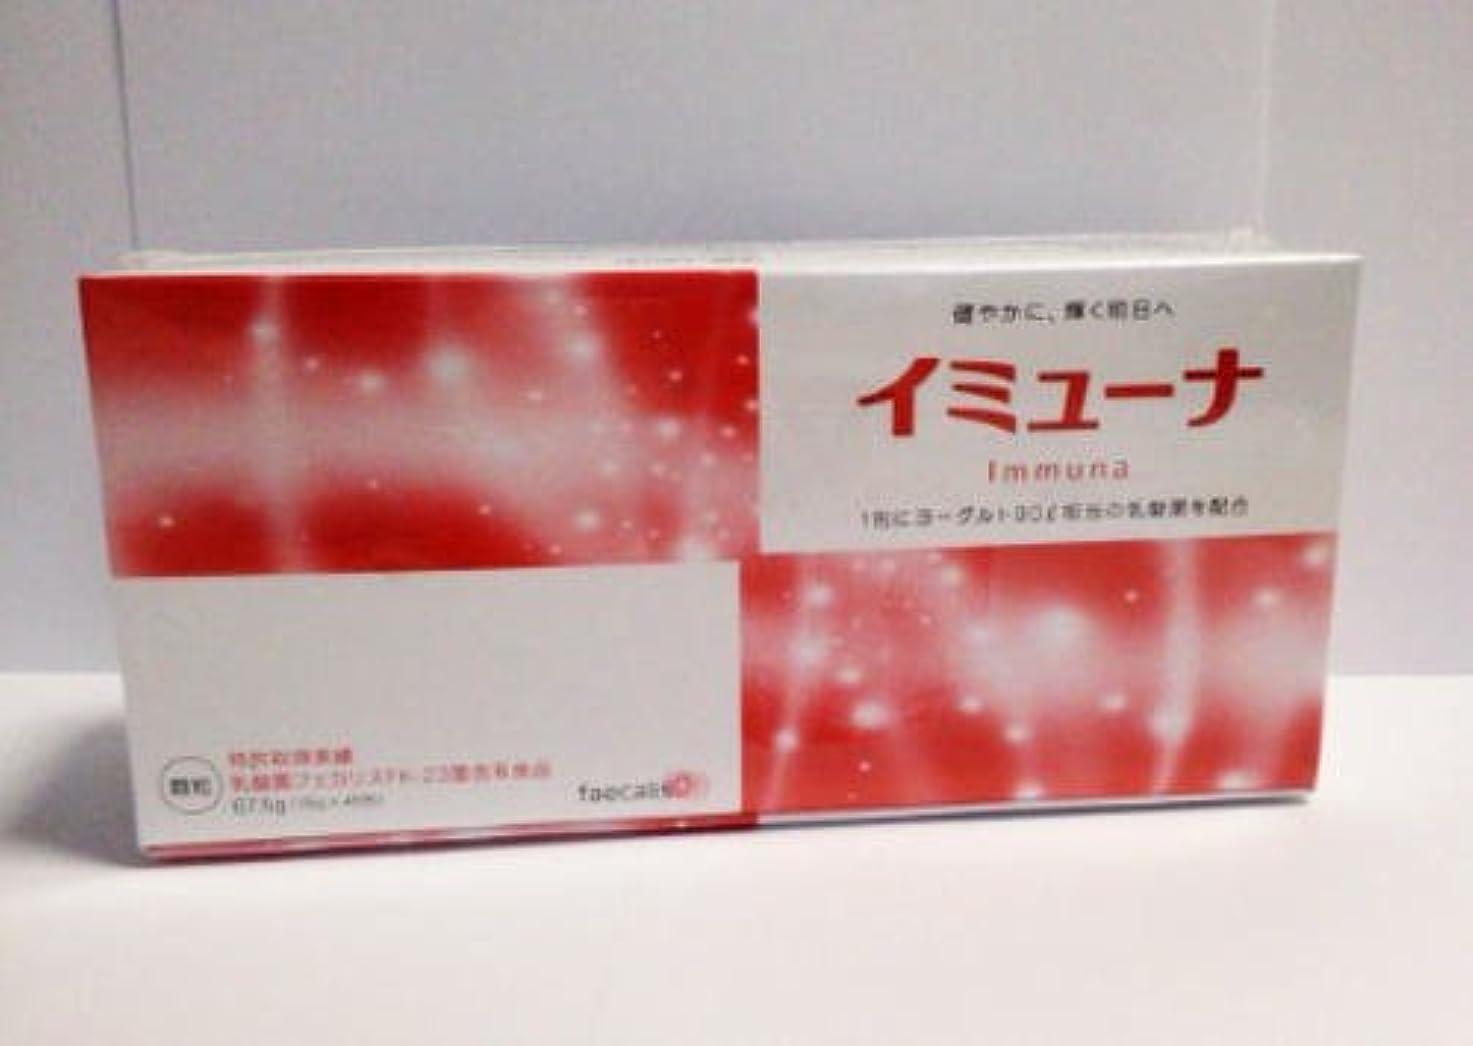 専門用語ベルベット認可イミューナ(Immuna) 顆粒 1.5g×45包2箱セット【ニチニチ製薬】